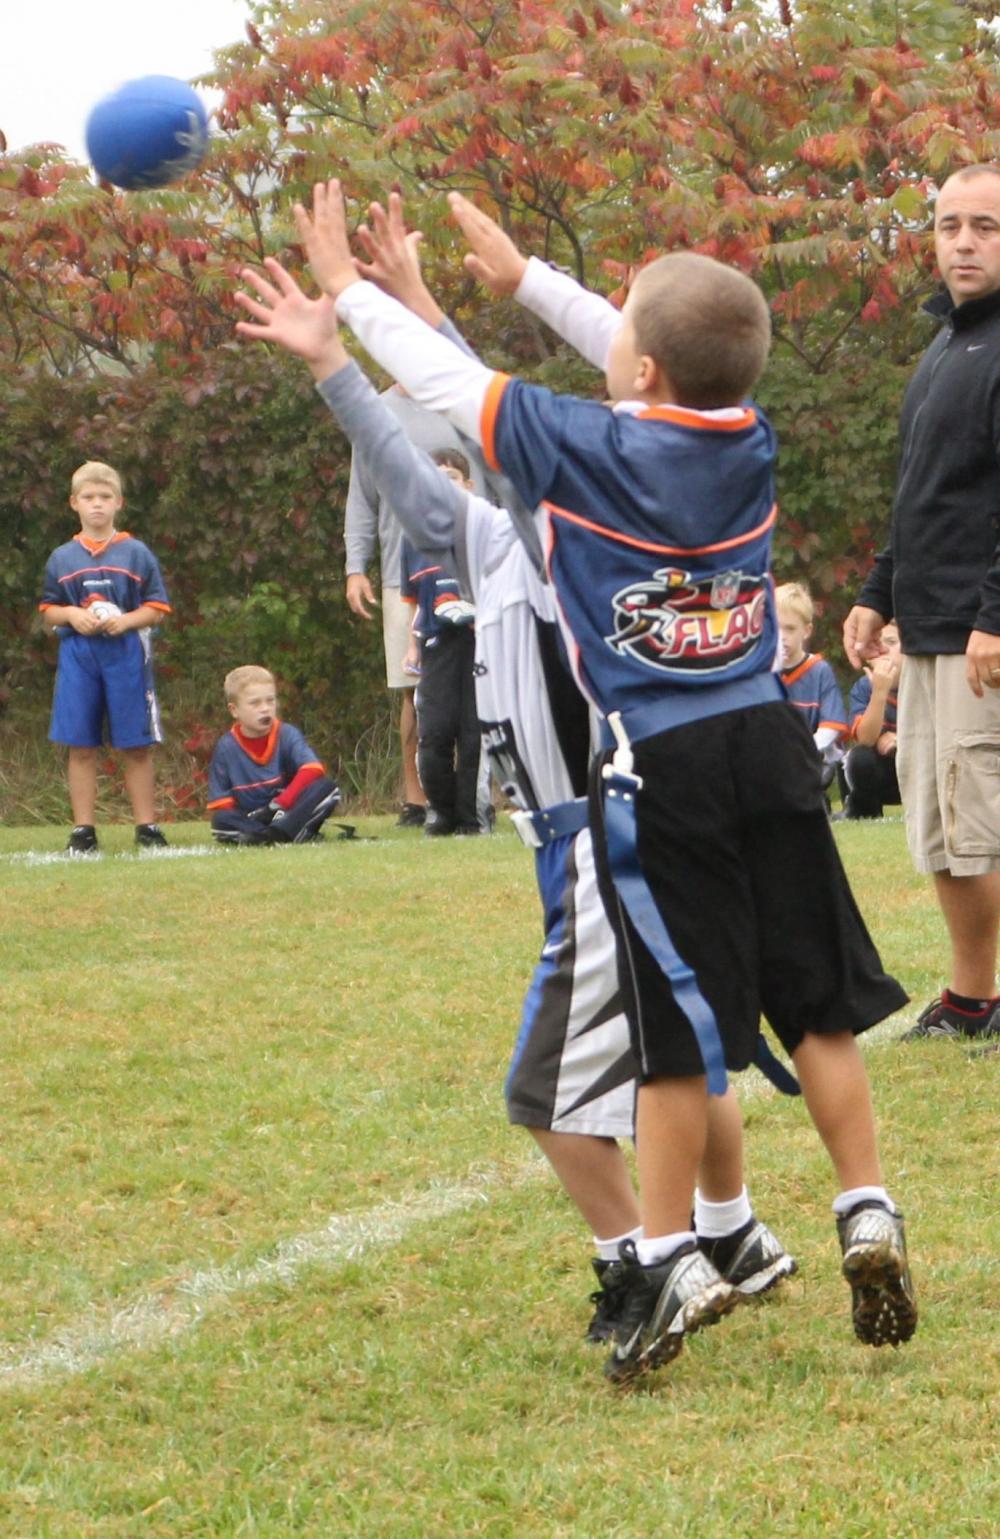 635bc2e8d NFL Flag Football League